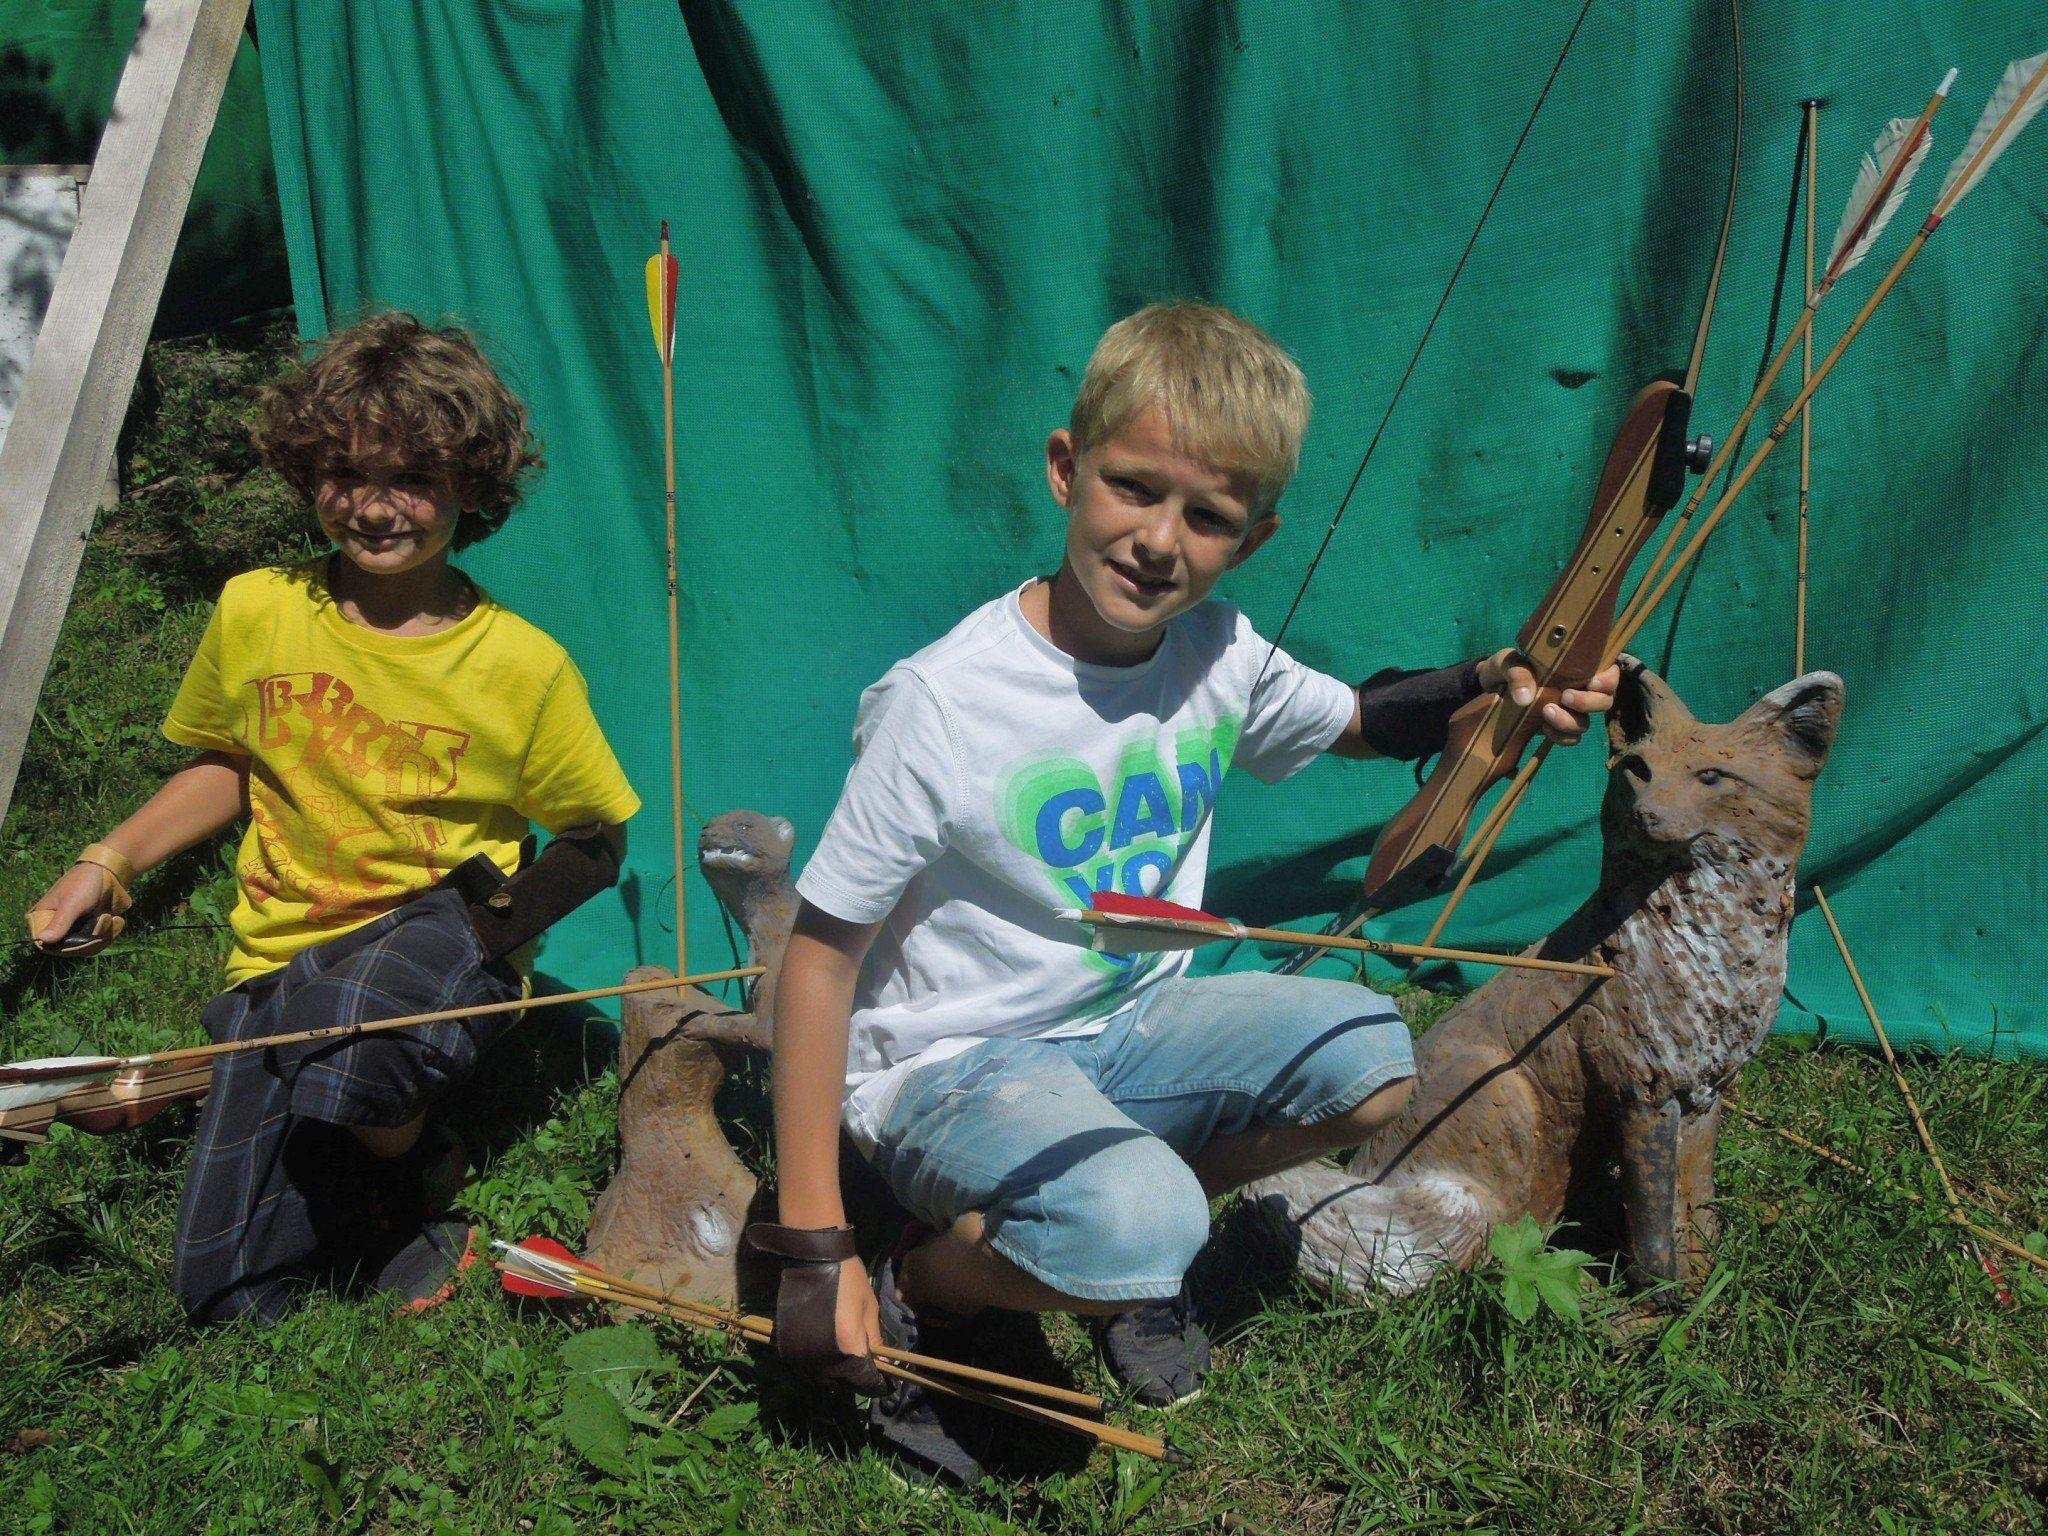 Die Kinderreporter versuchten sich als Bogenschützen und begaben sich auf die neueste Attraktion im Ebnit, den 3 D Bogenparcours.